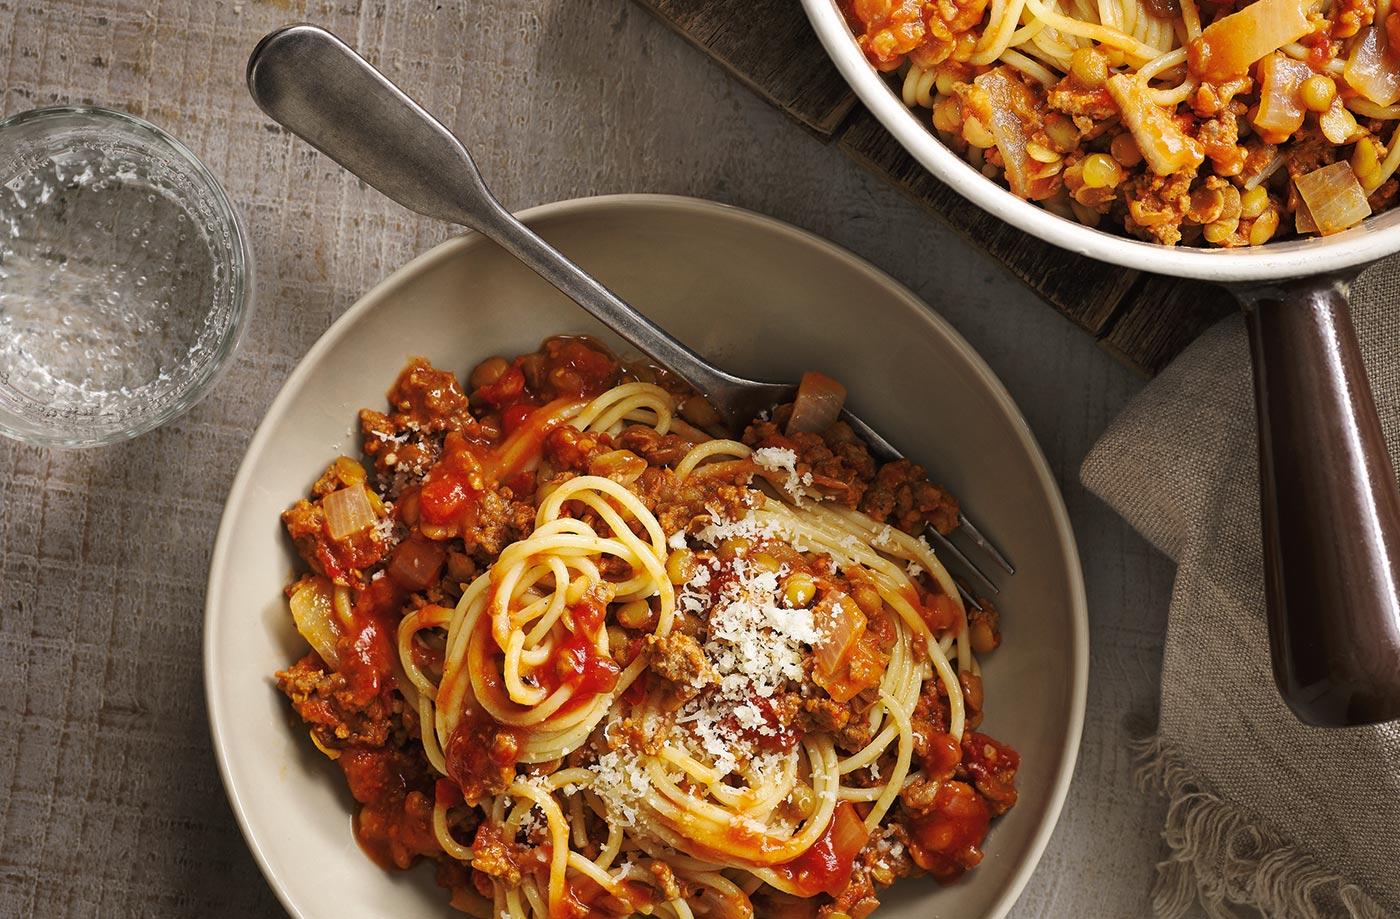 Spaghetti Bolognese Tesco Real Food